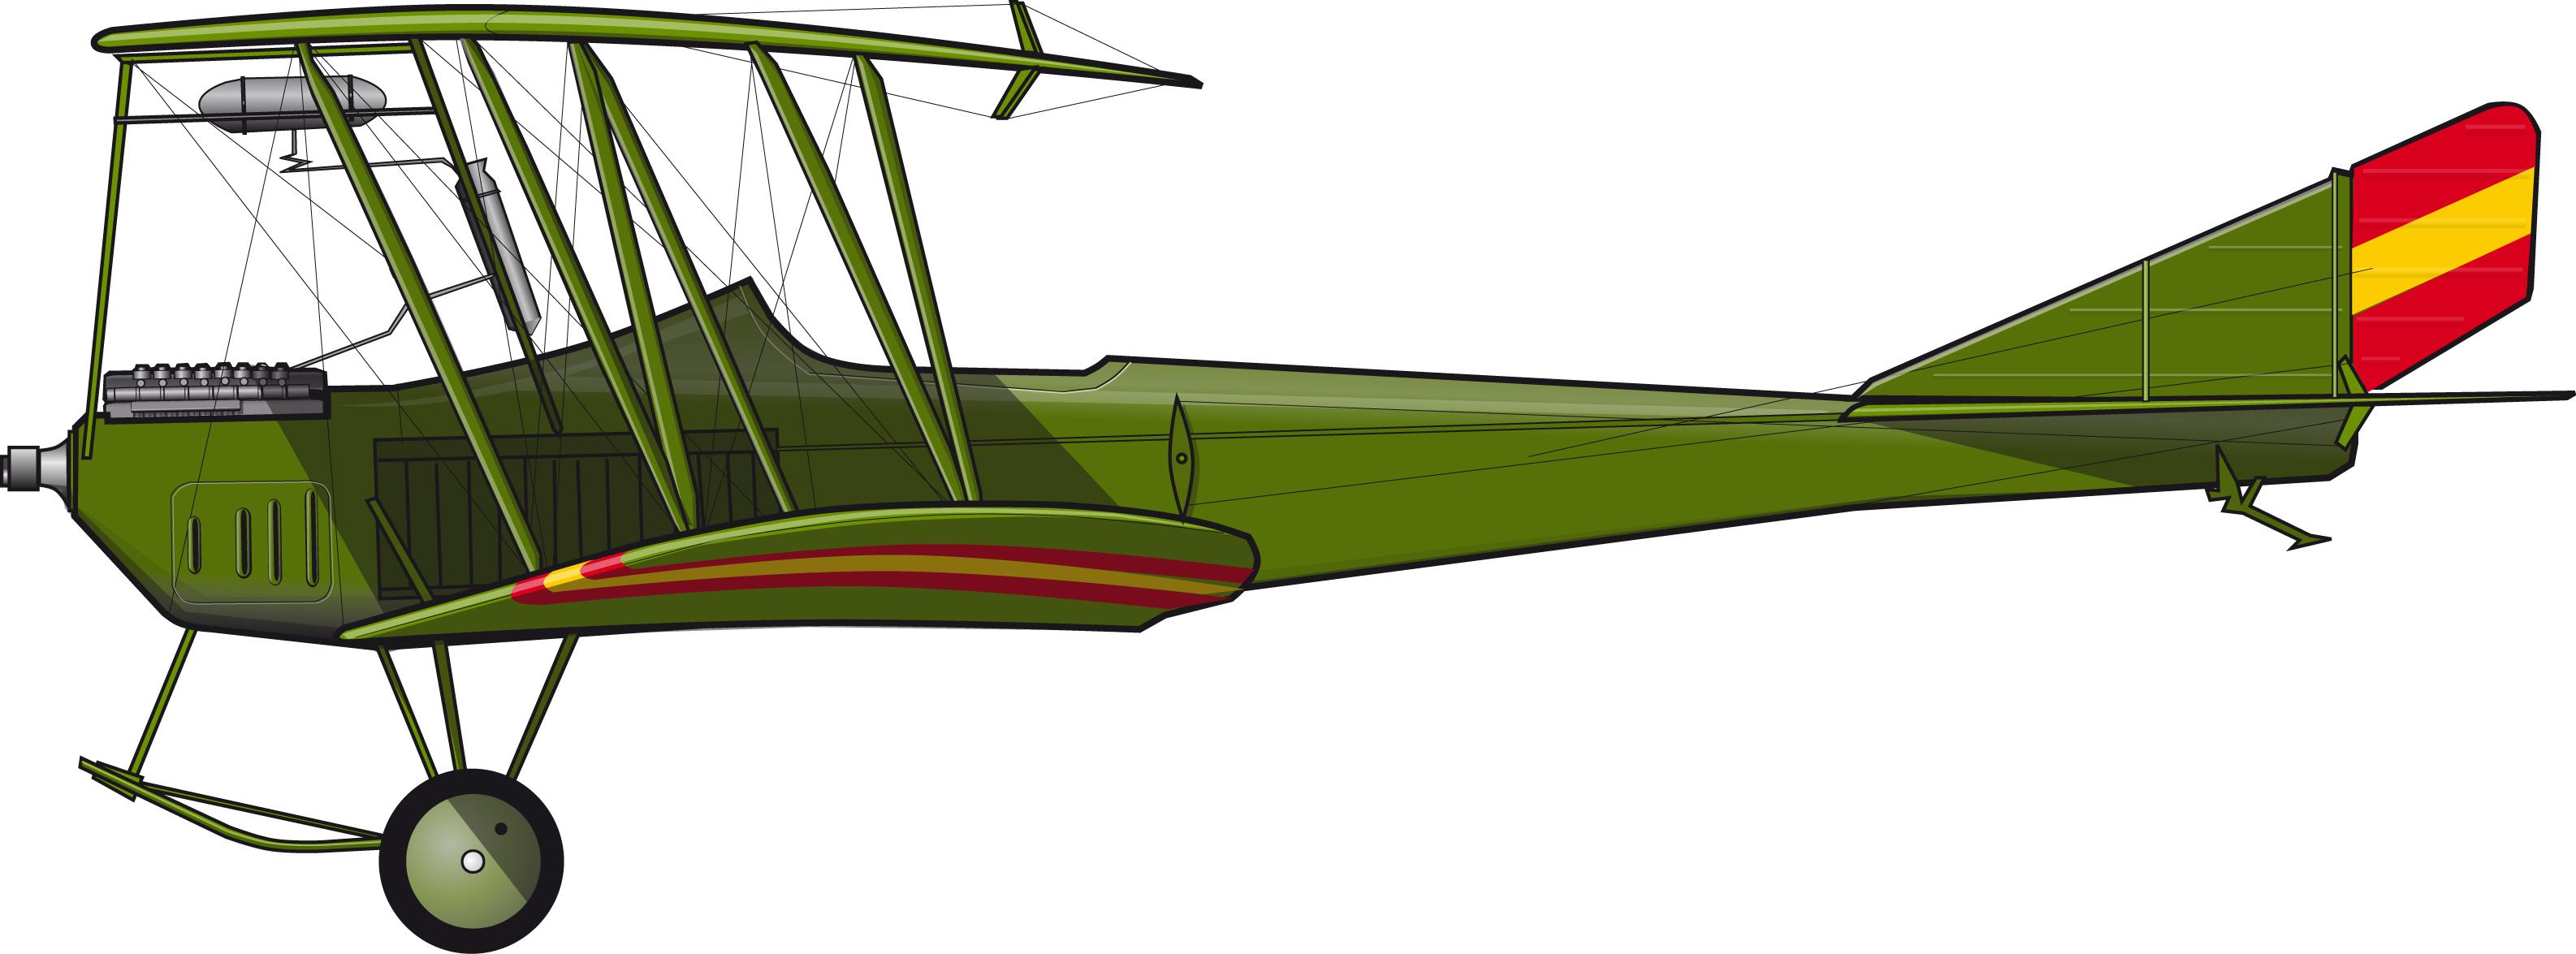 lohnerpfeilbarronflecha1915